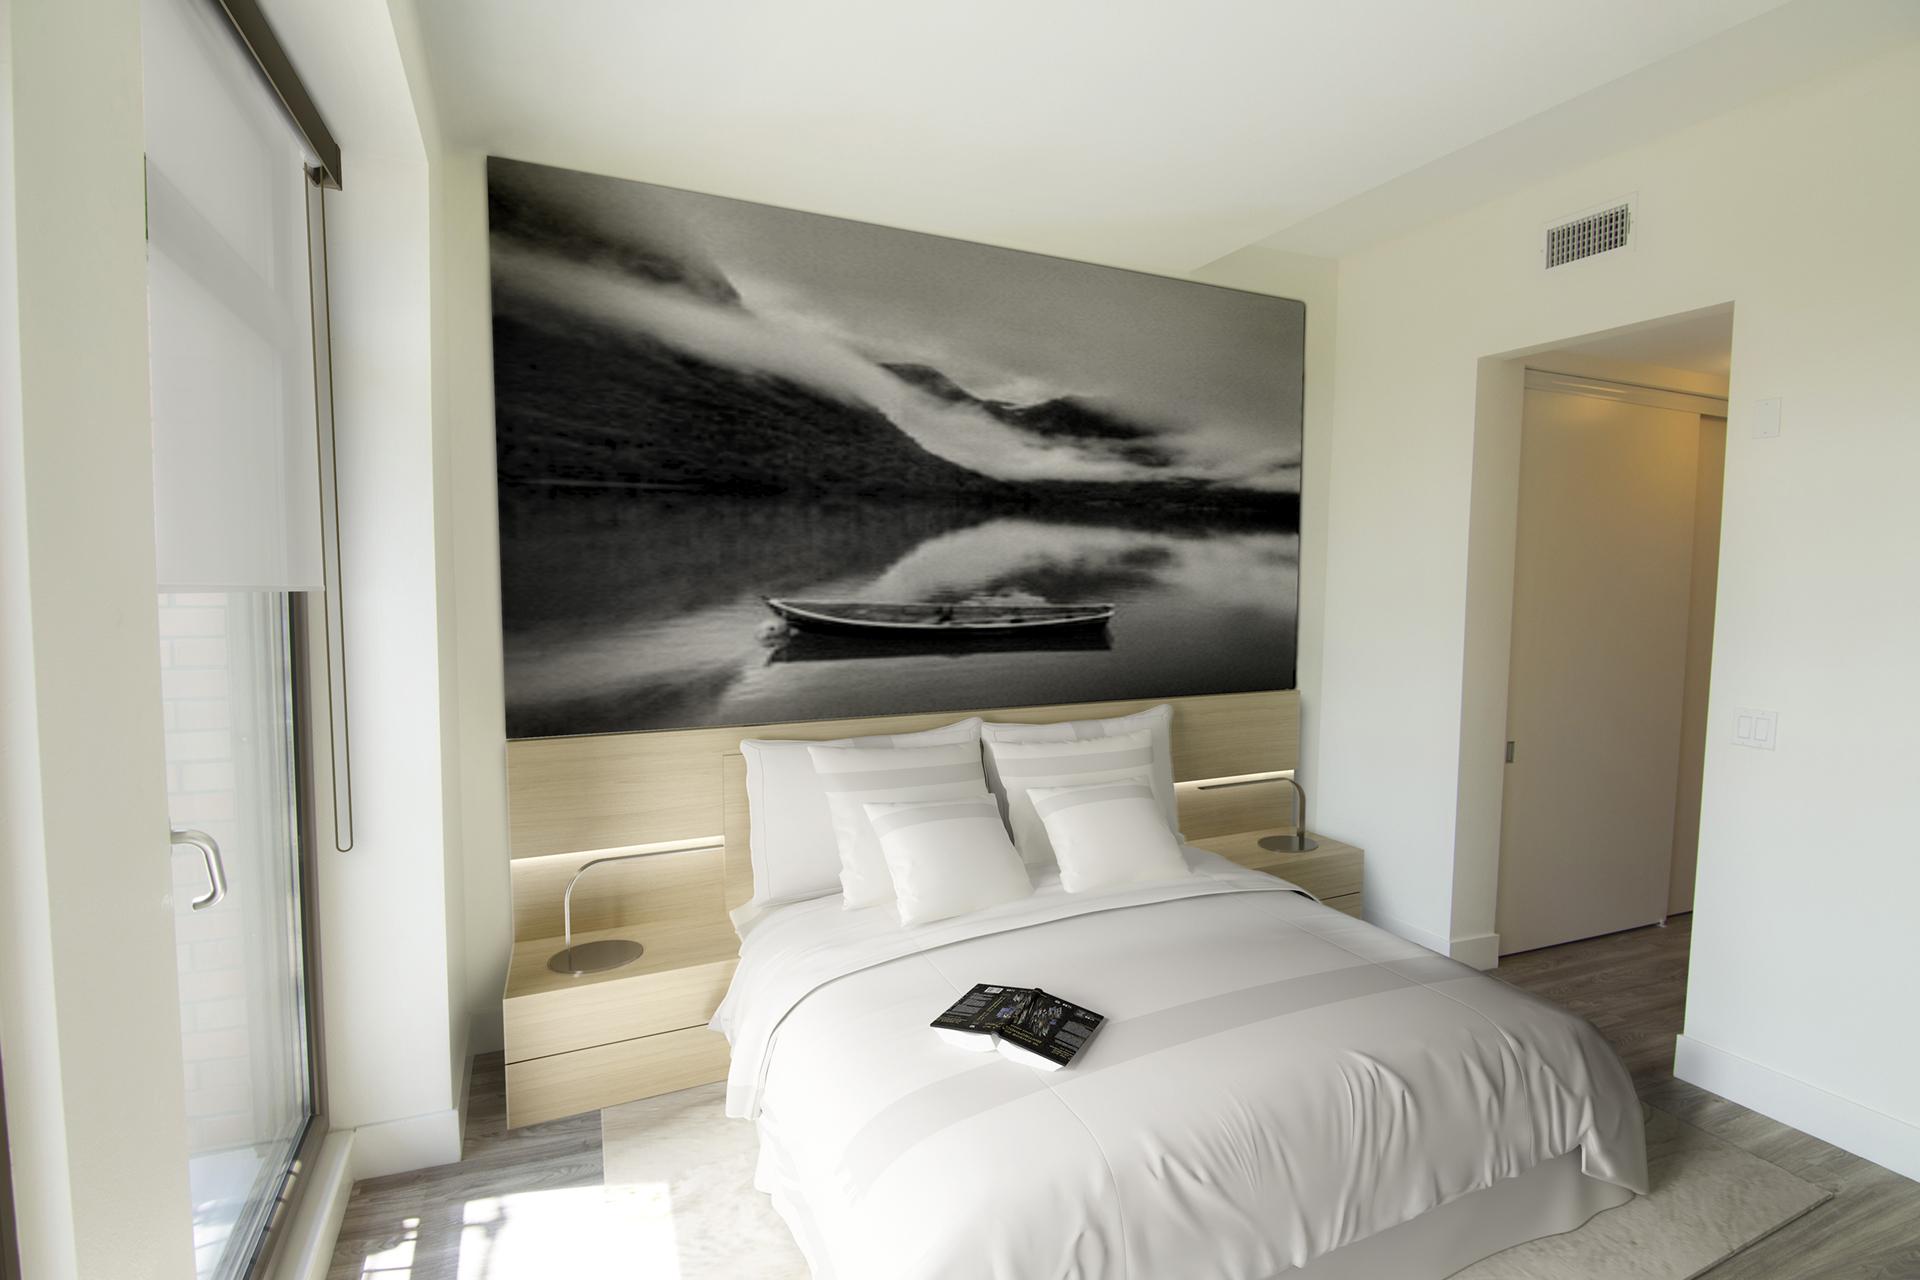 Bedroom-2-1920x1280.jpg